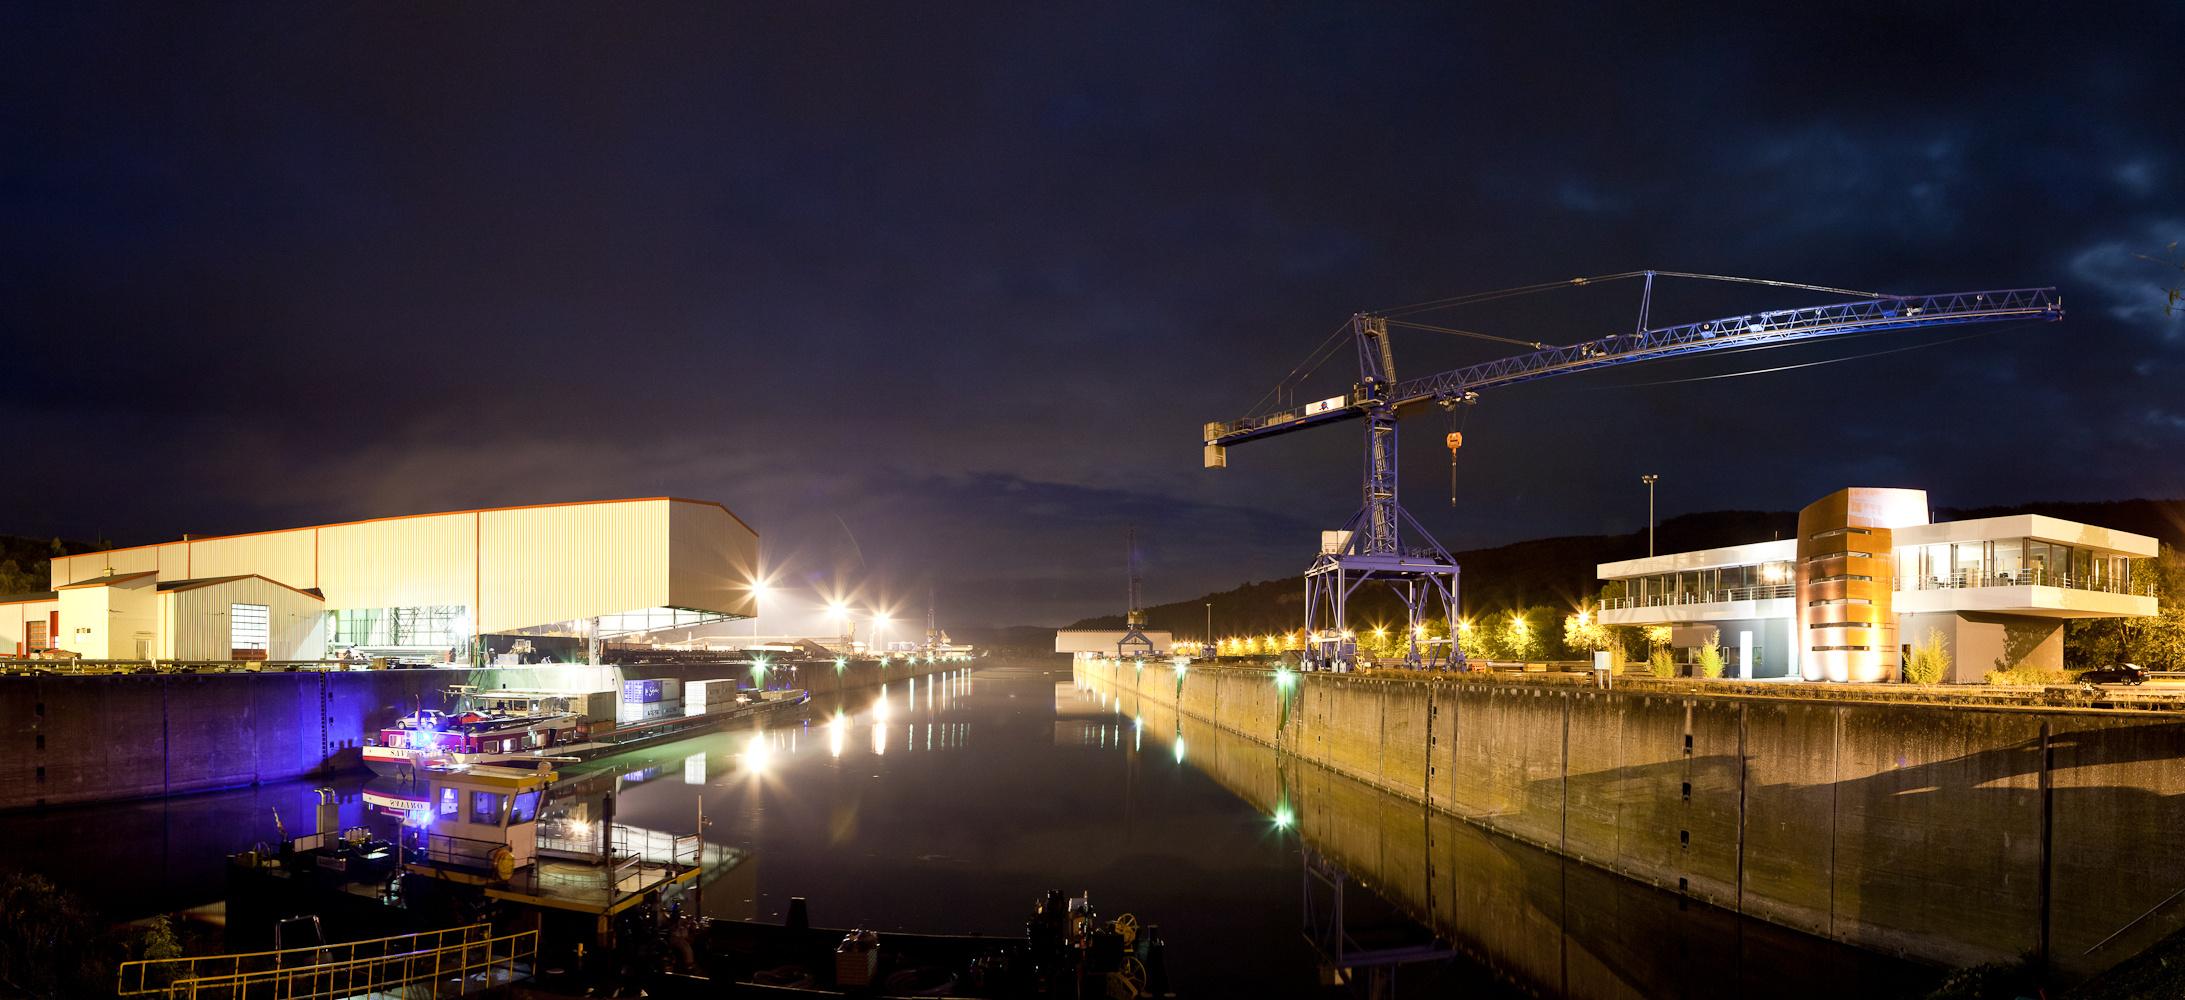 Mertert-Harbour by night